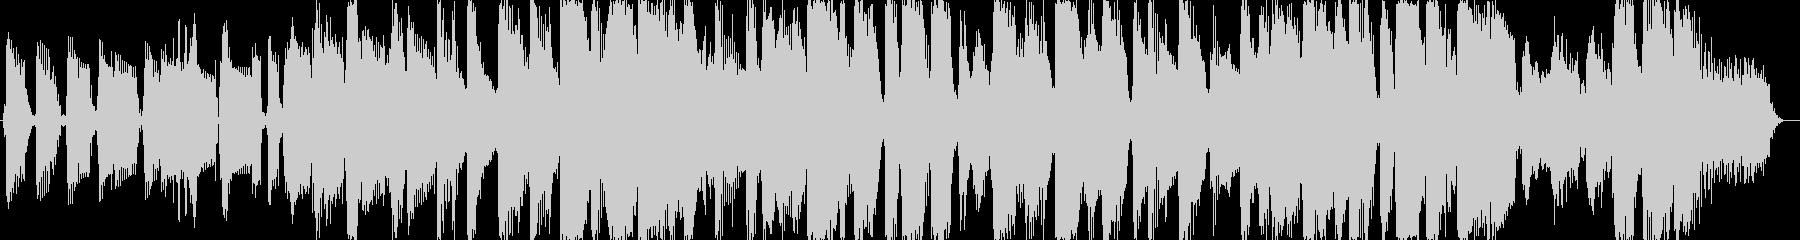 いたずらっ子達のイメージBGMの未再生の波形